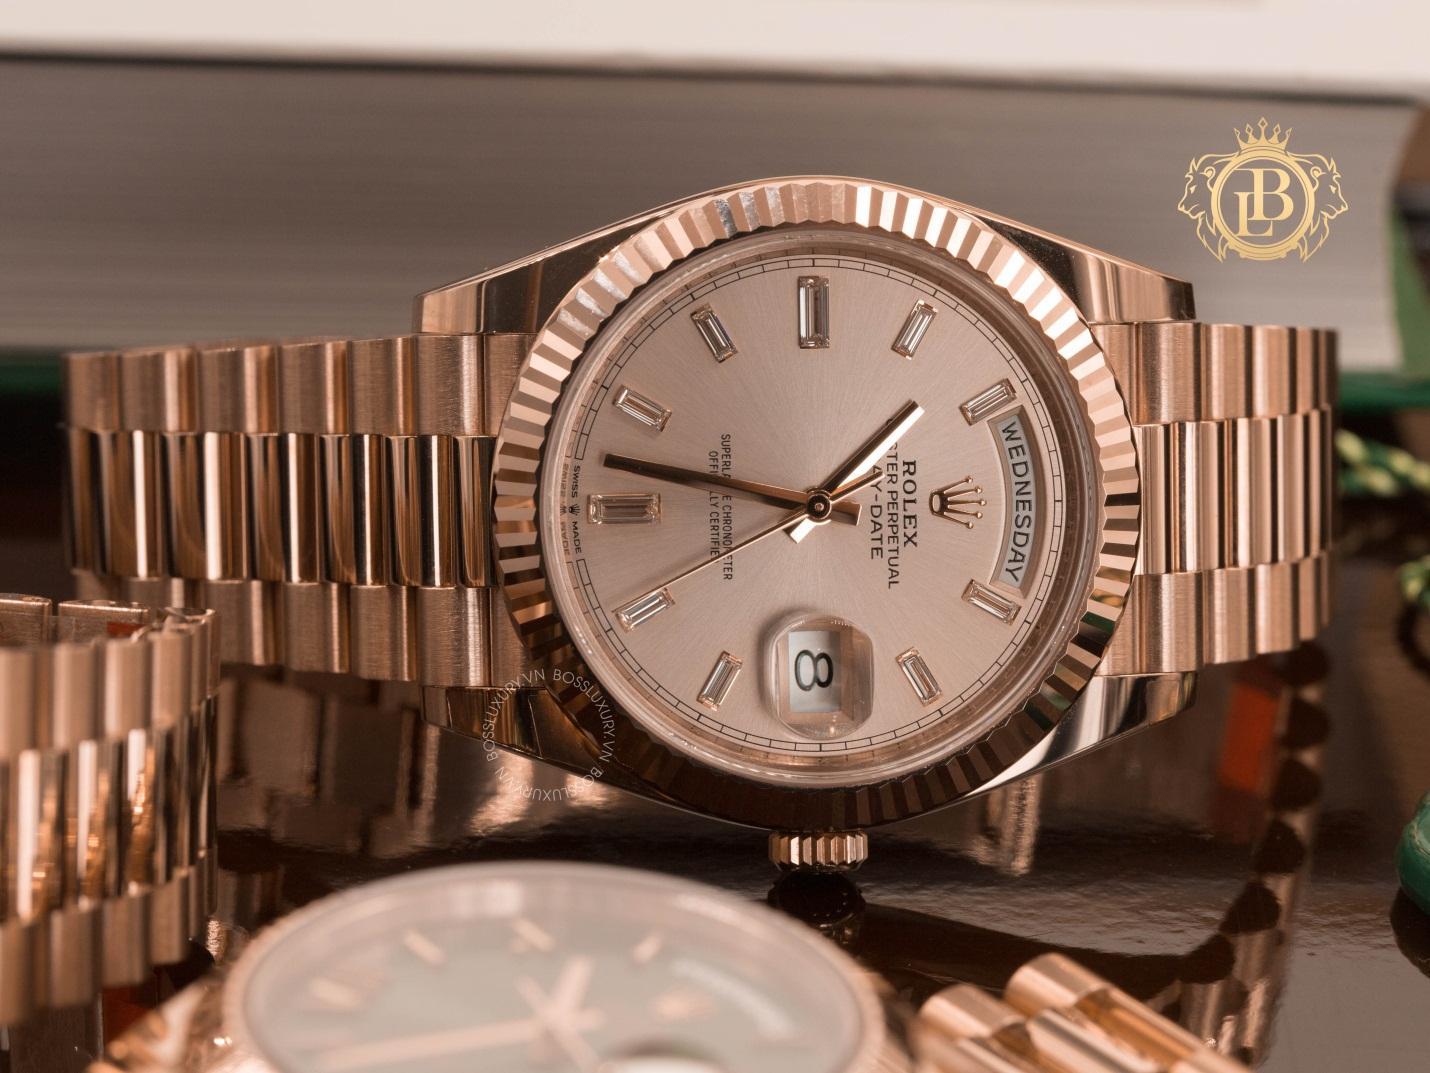 Boss Luxury mách bạn 5 mẫu đồng hồ nam tuyệt đẹp theo từng phong cách - Ảnh 2